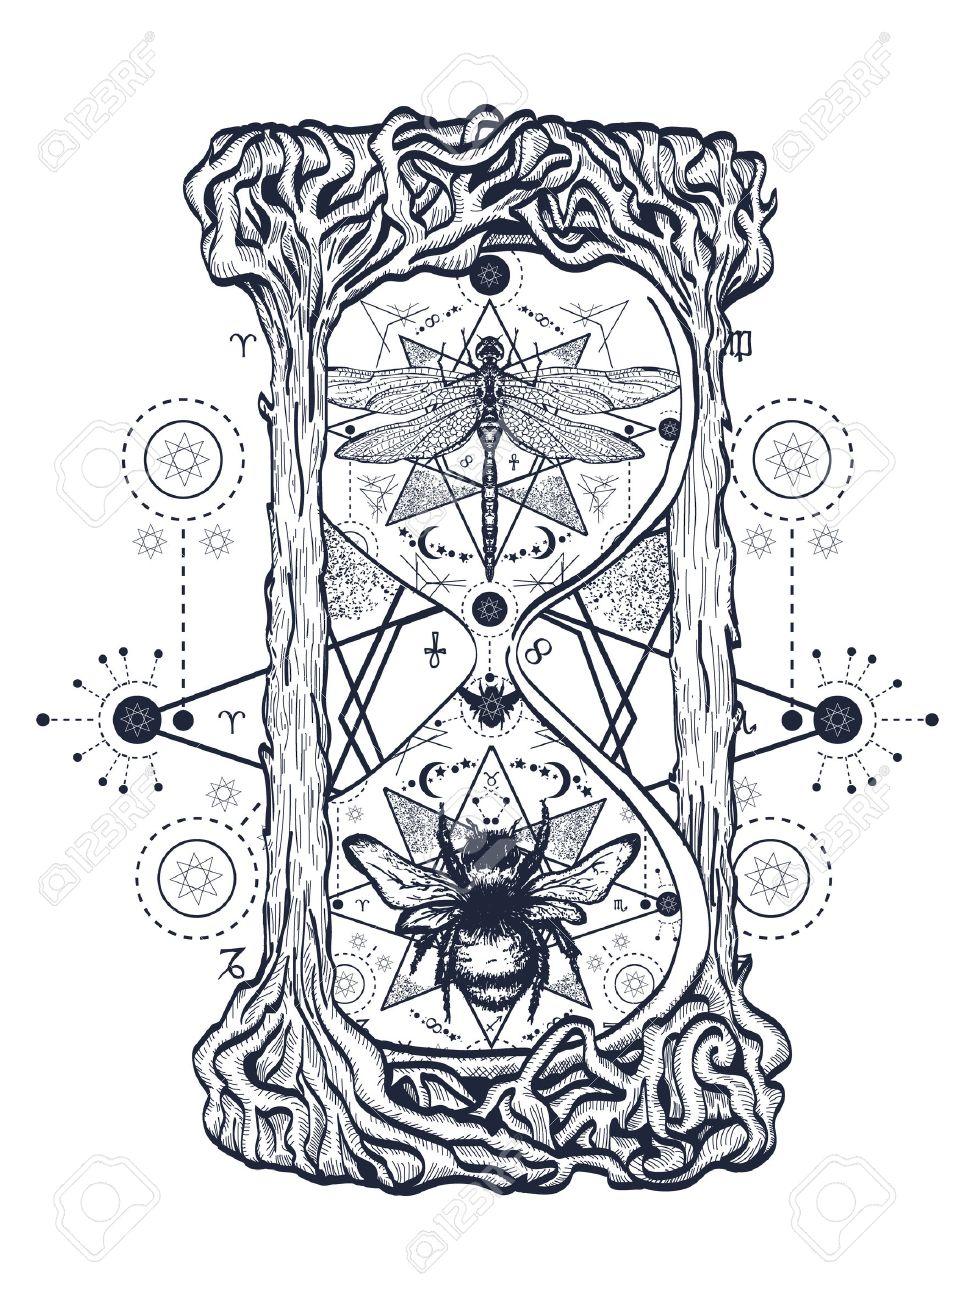 Abeja Y Libélula En El Reloj De Arena Tatuaje Mística Dibujado A Mano Símbolos Místicos E Insectos Libélula Y Boceto De Abeja Tatuaje Alchemy